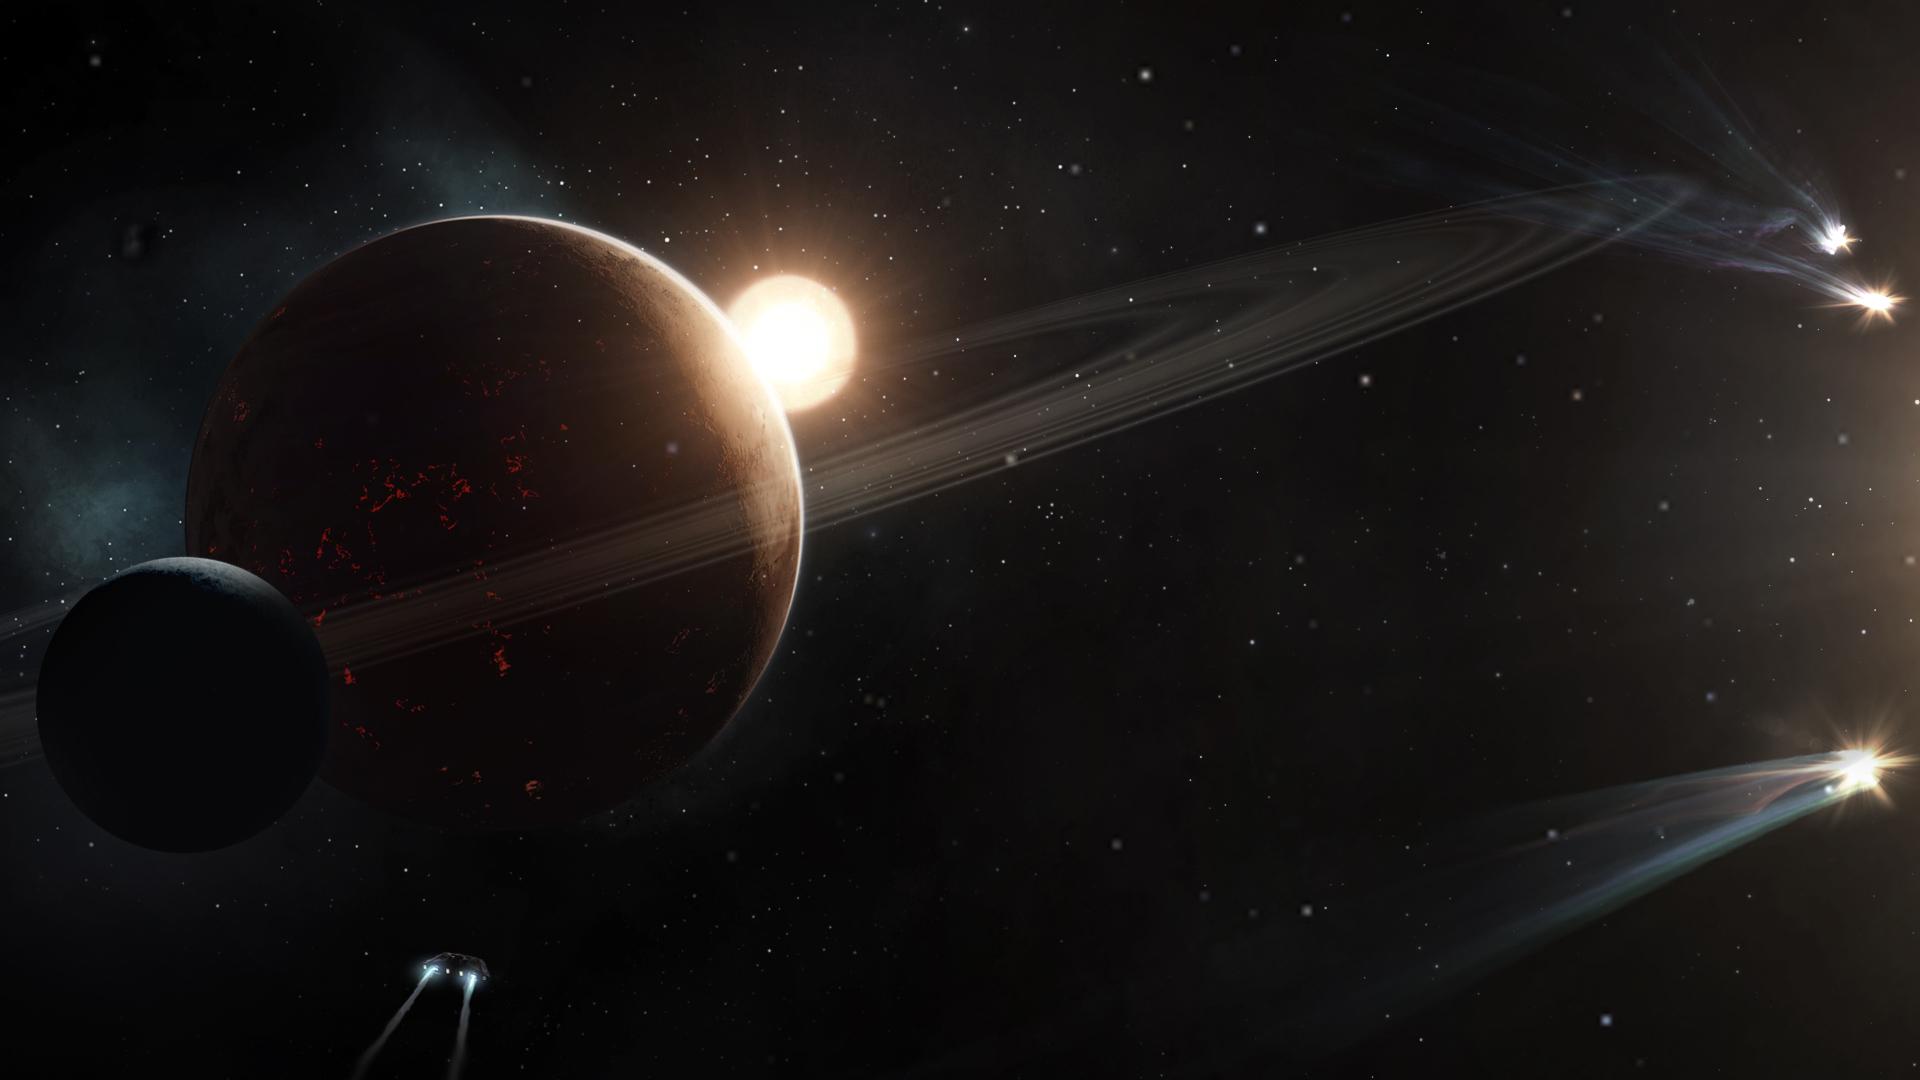 Kepler's Eye